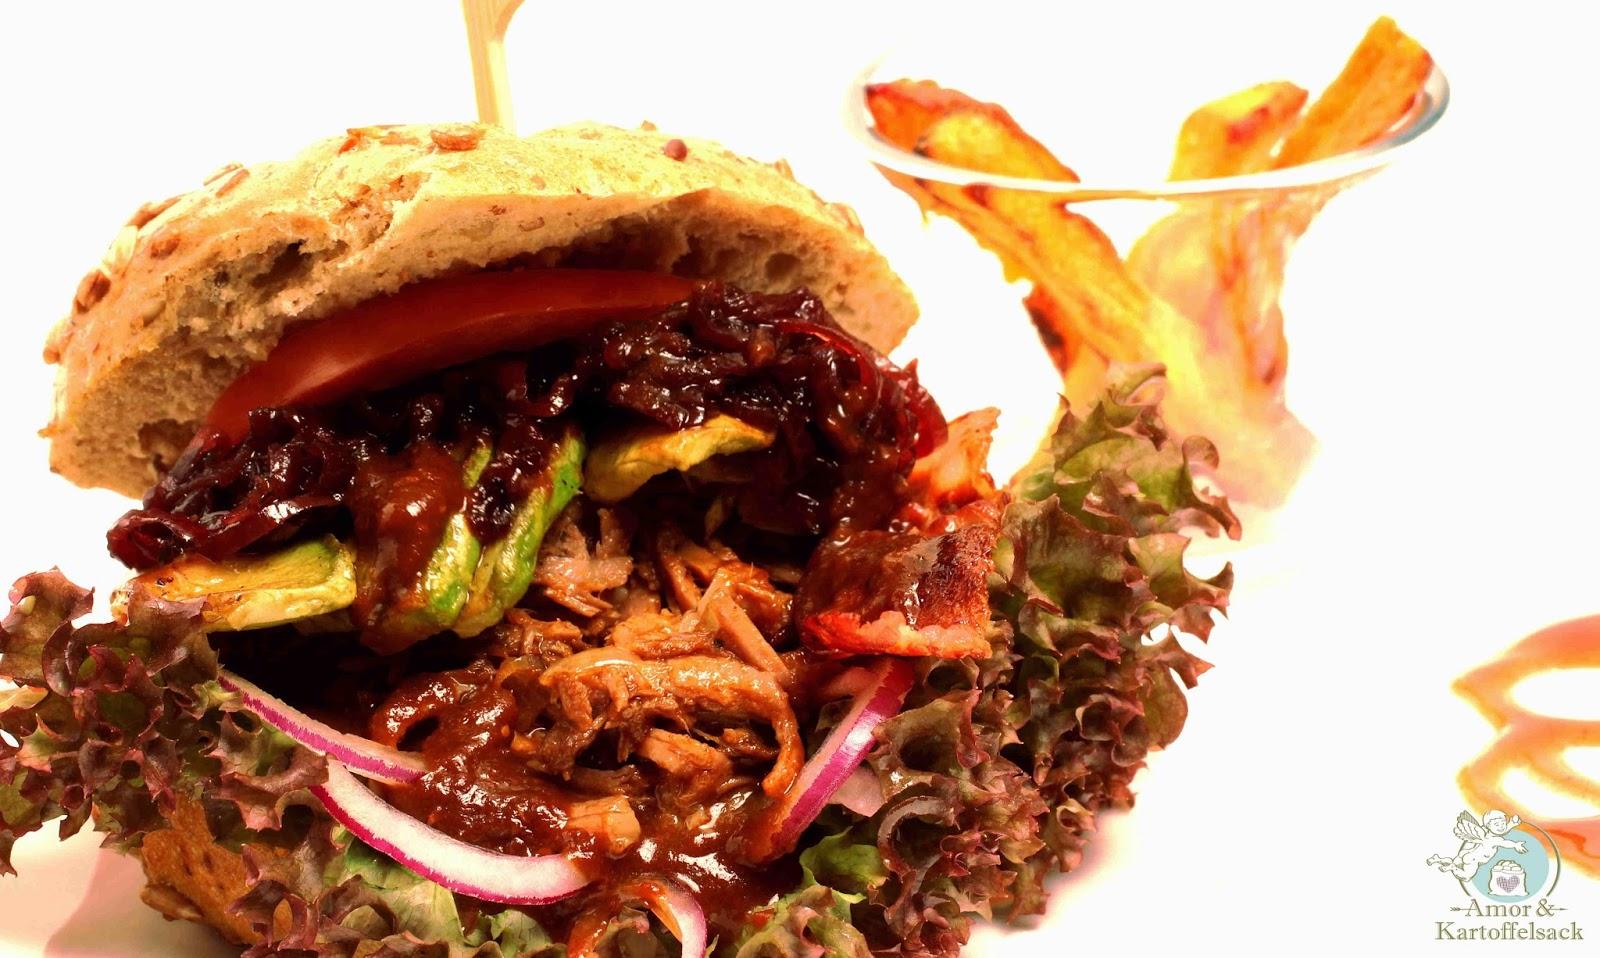 selfmade Burger mit Rindfleisch